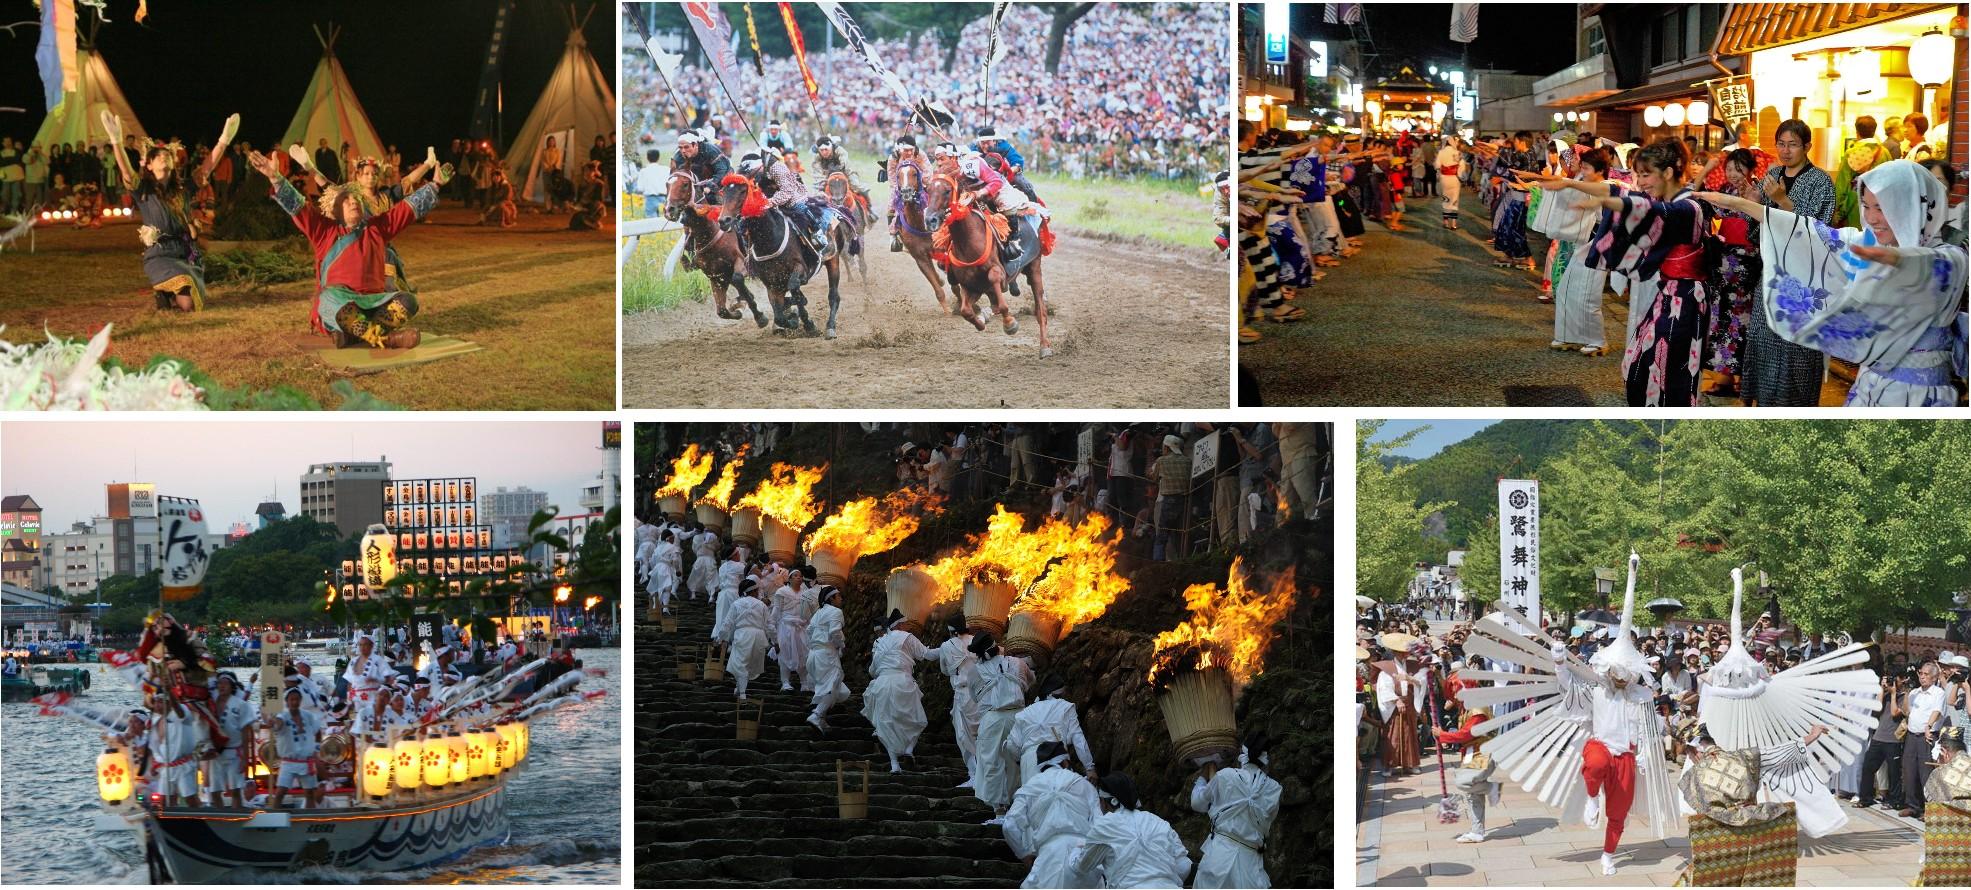 festivales julio